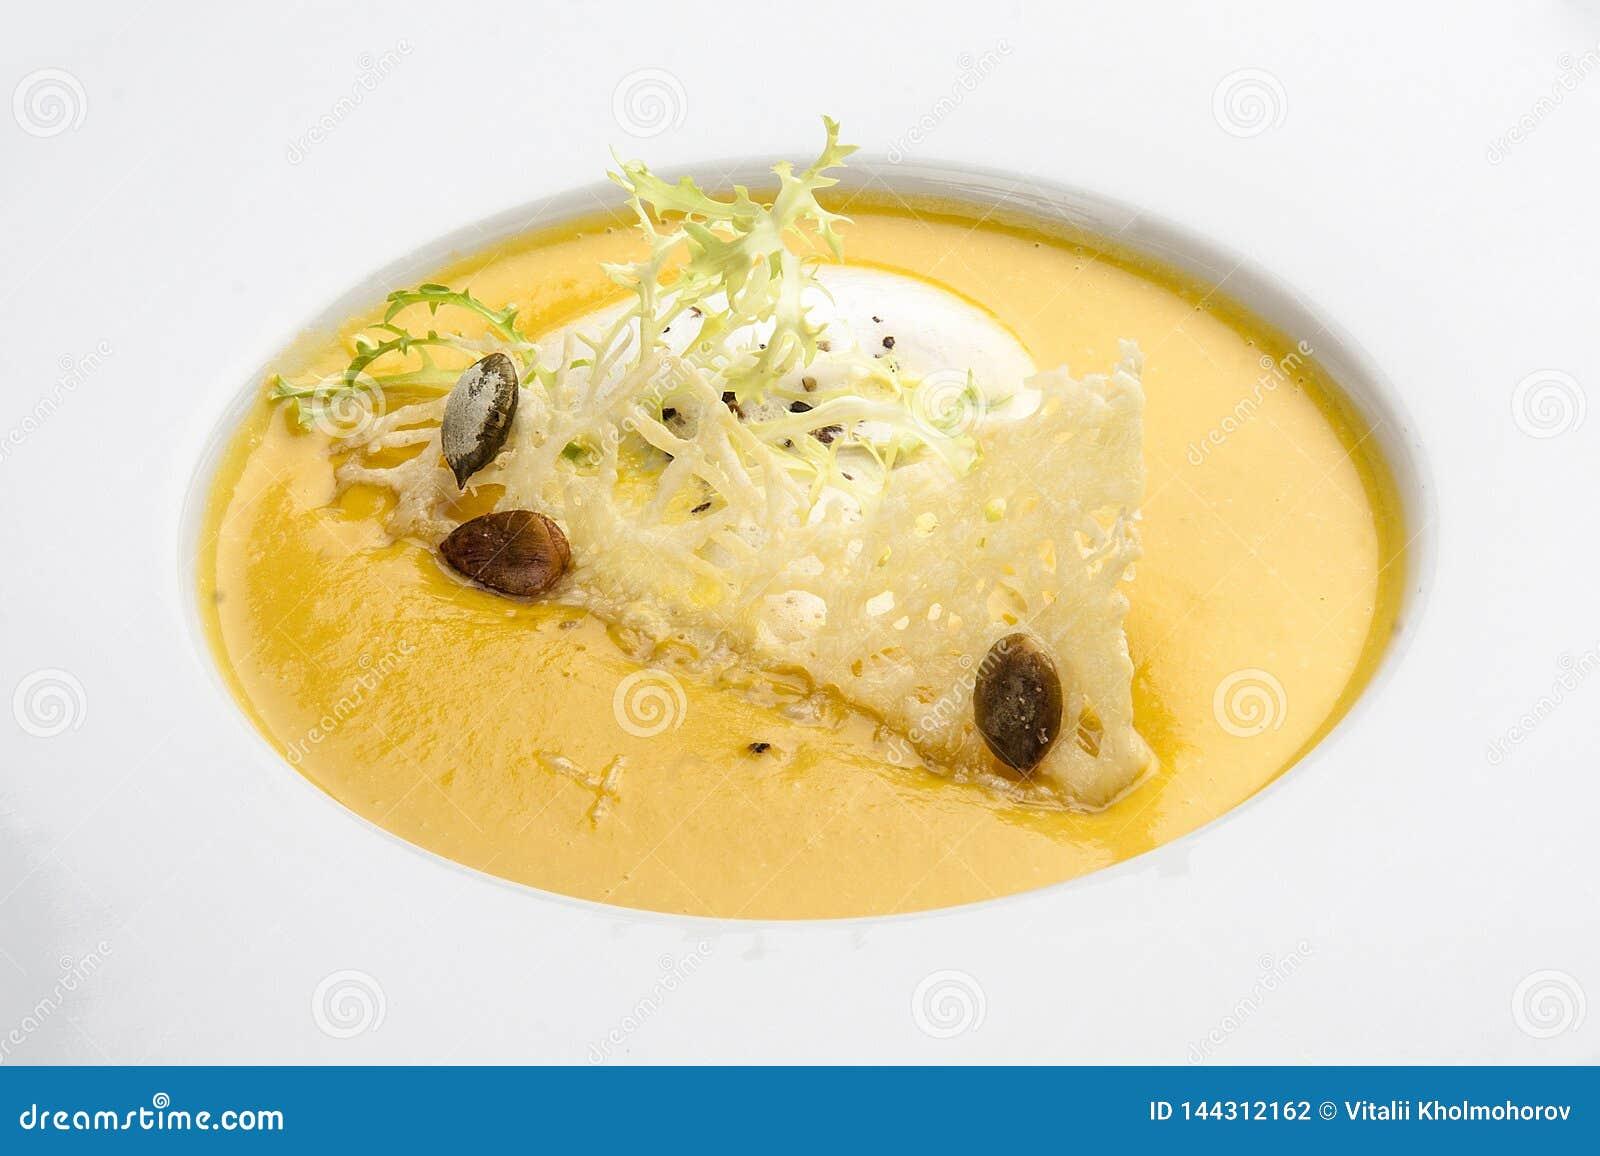 Pumpakrämsoppa med parmesanost